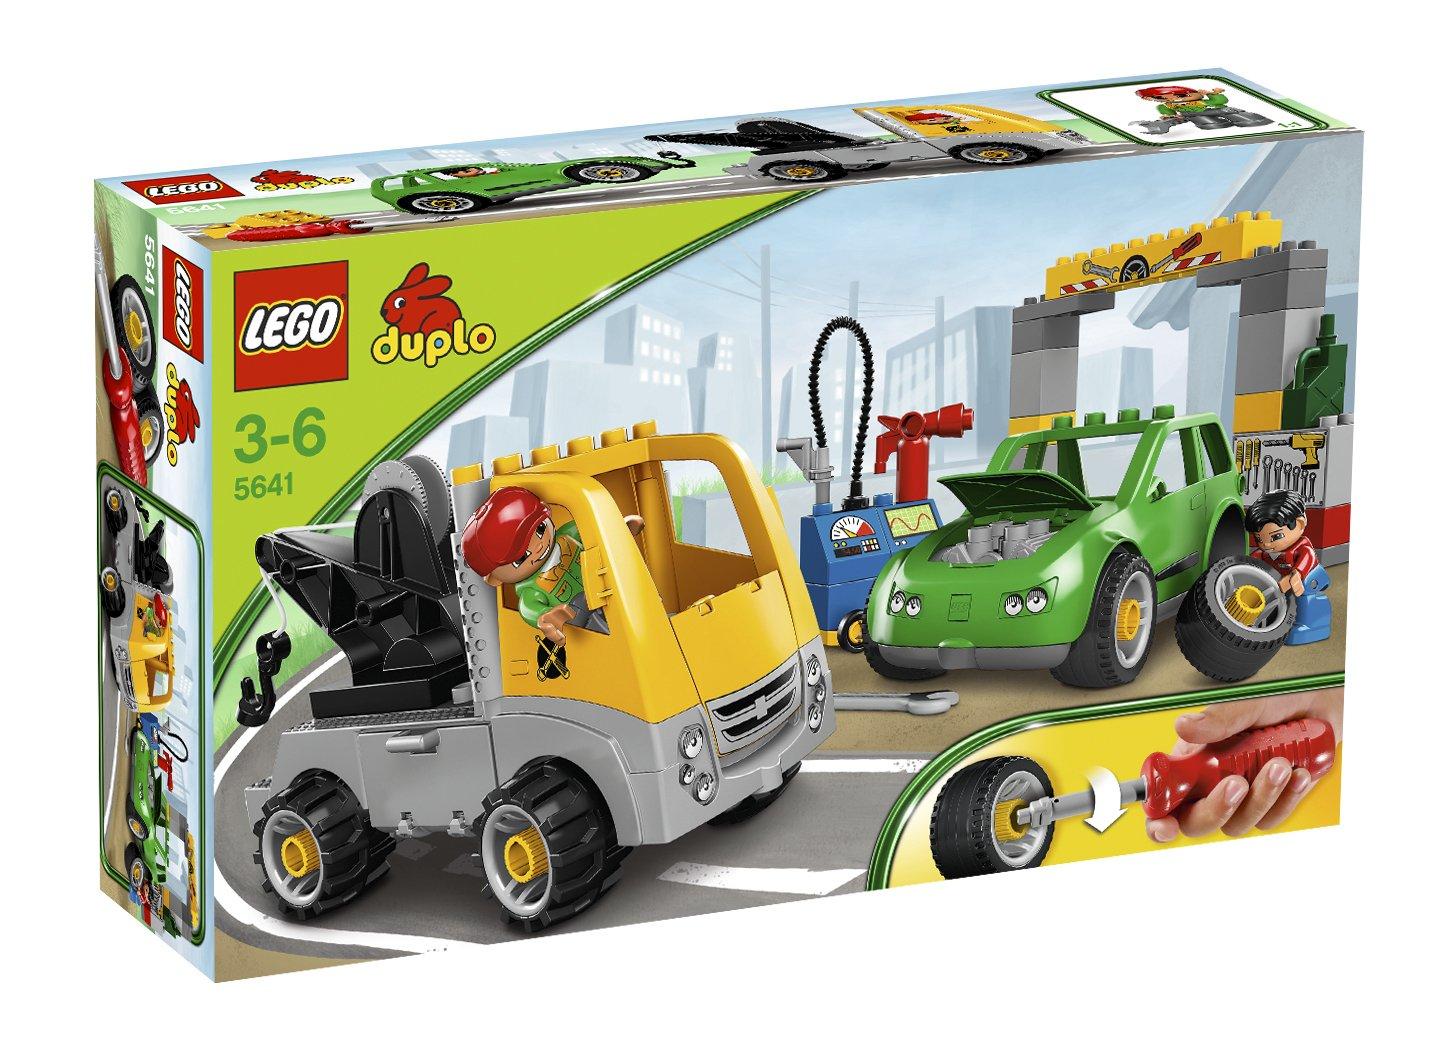 LEGO 5641 Duplo 5641 LEGO - Werkstatt 2c23da